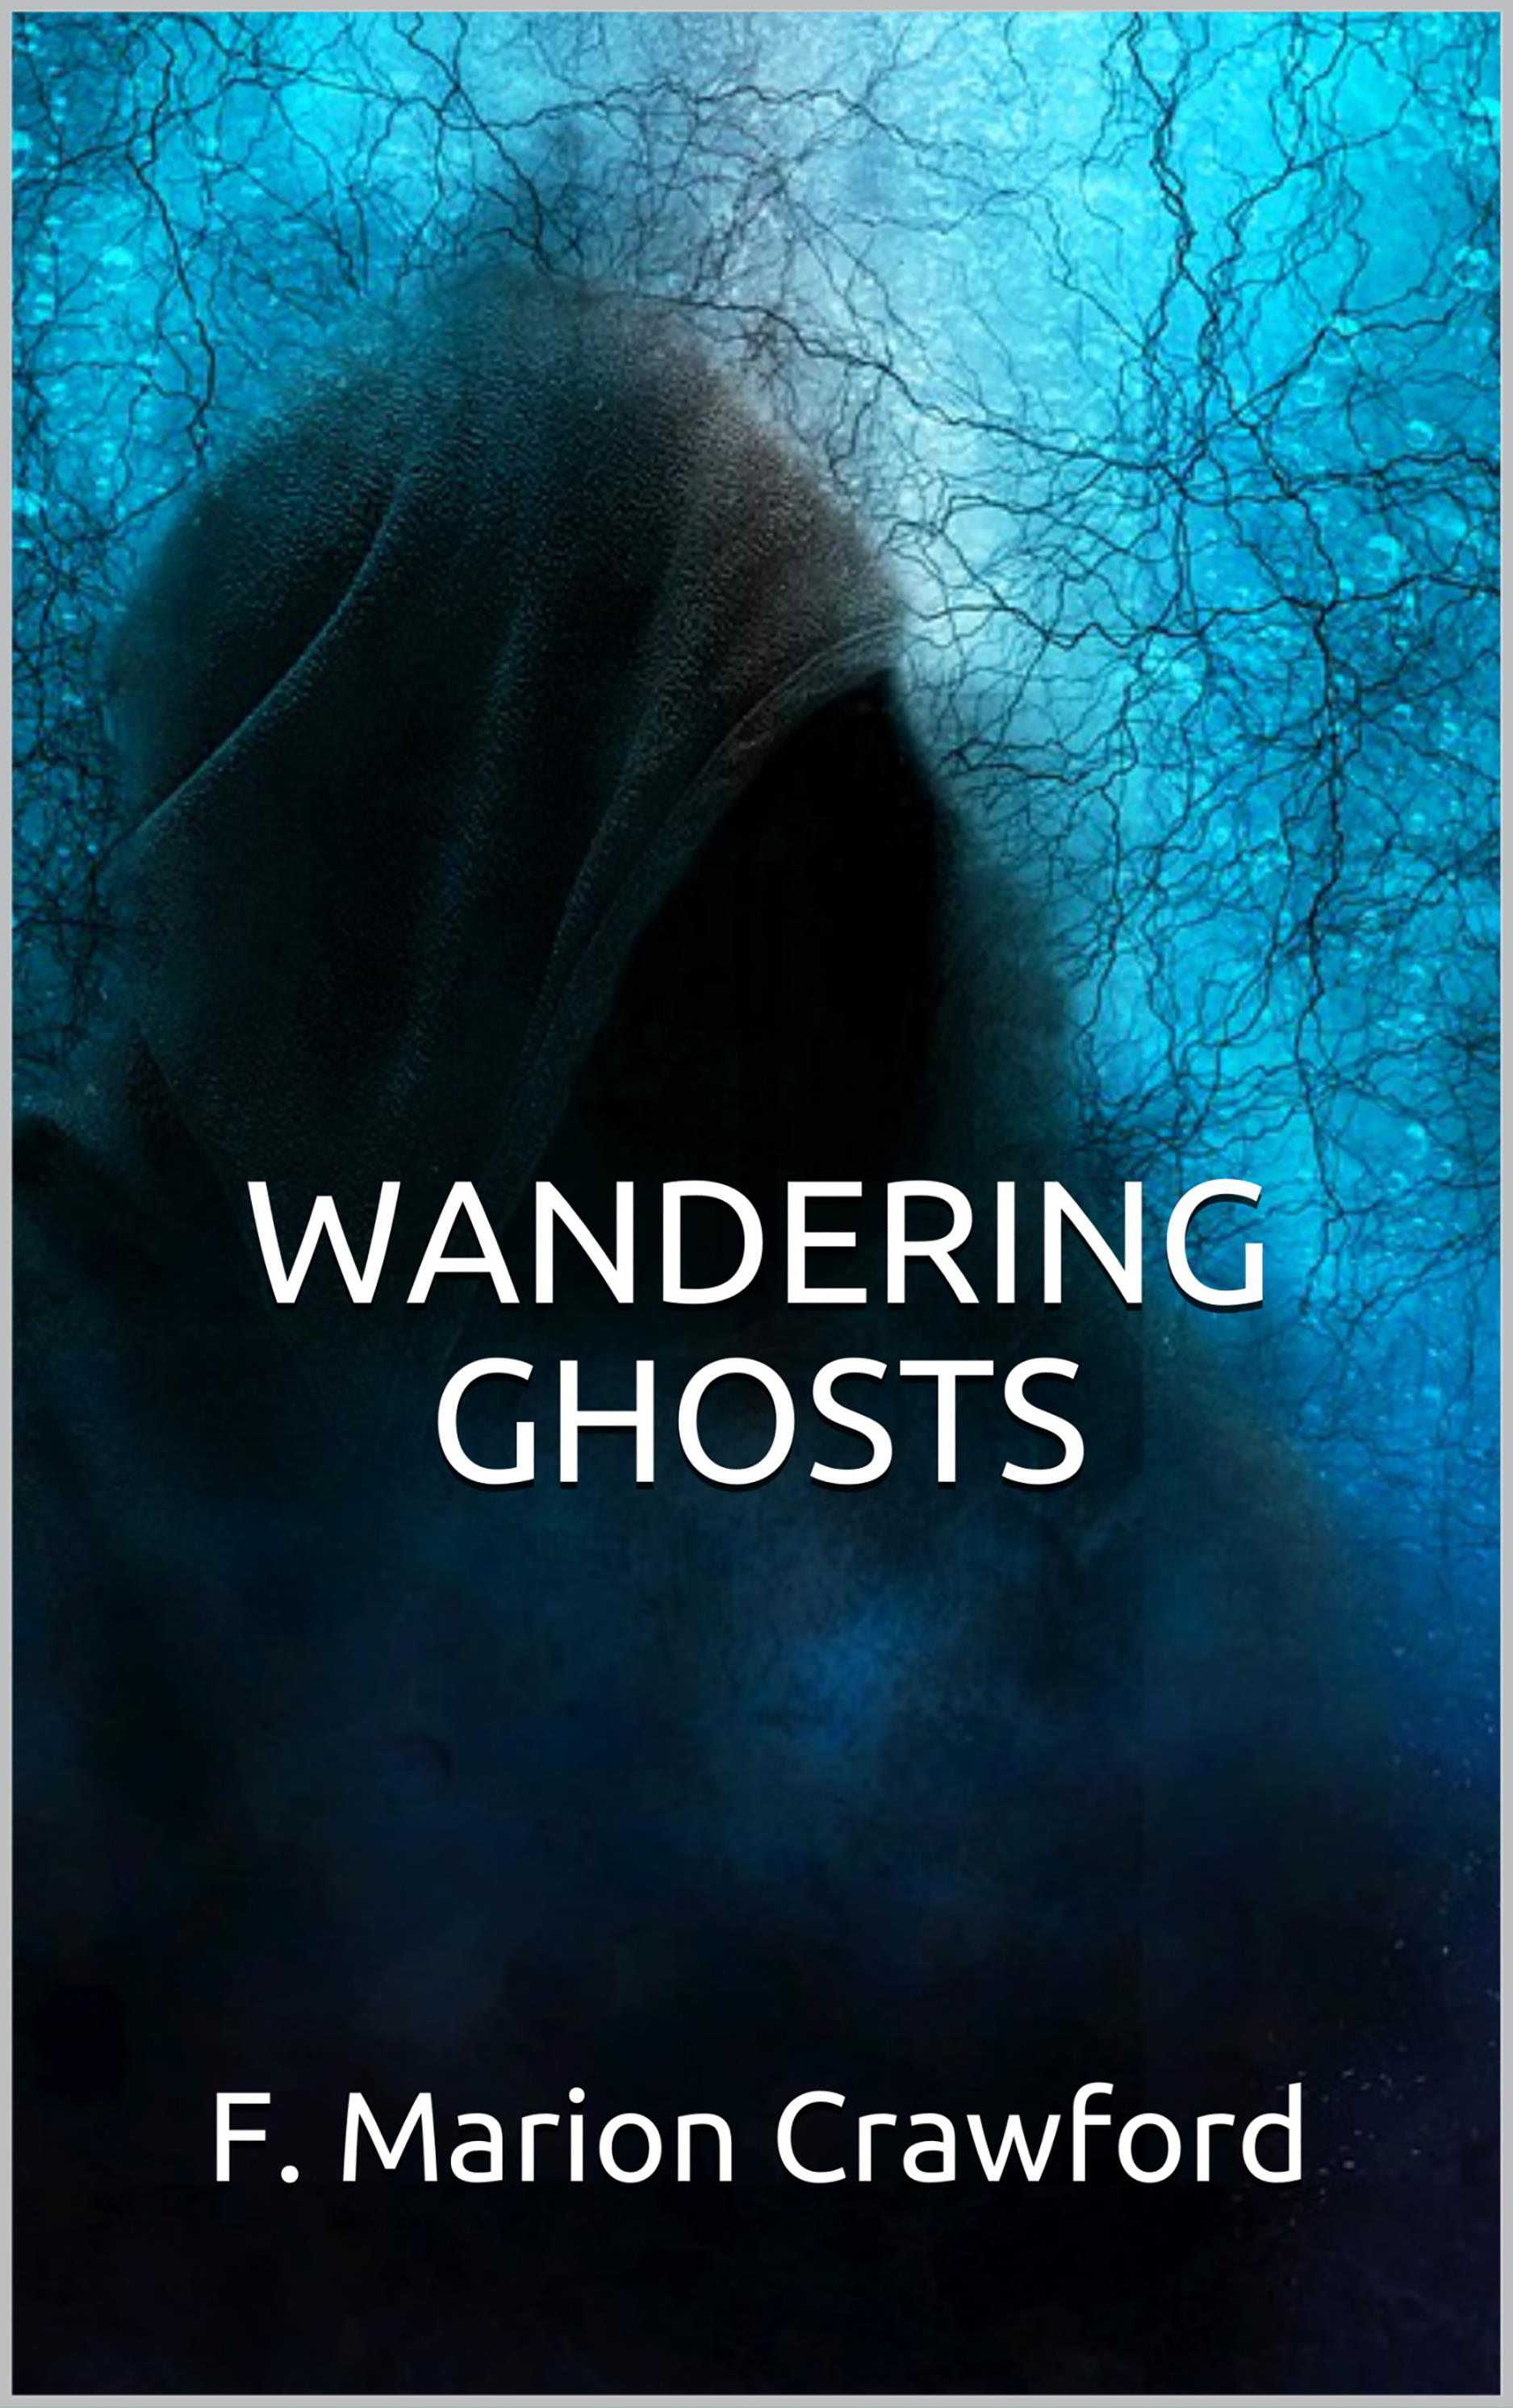 Wandering ghosts